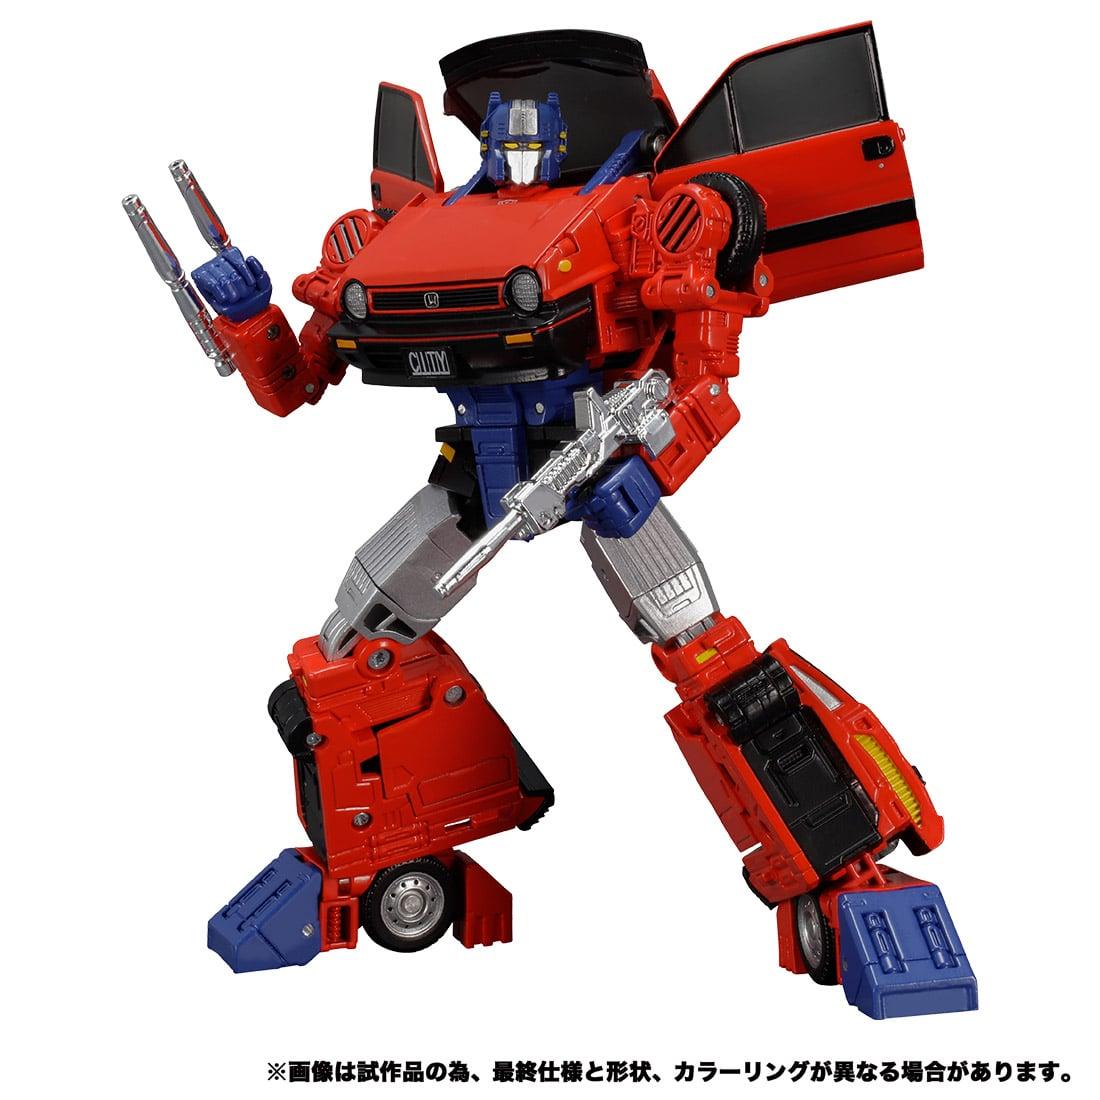 マスターピース『MP-53 スキッズ』トランスフォーマー 可変可動フィギュア-010